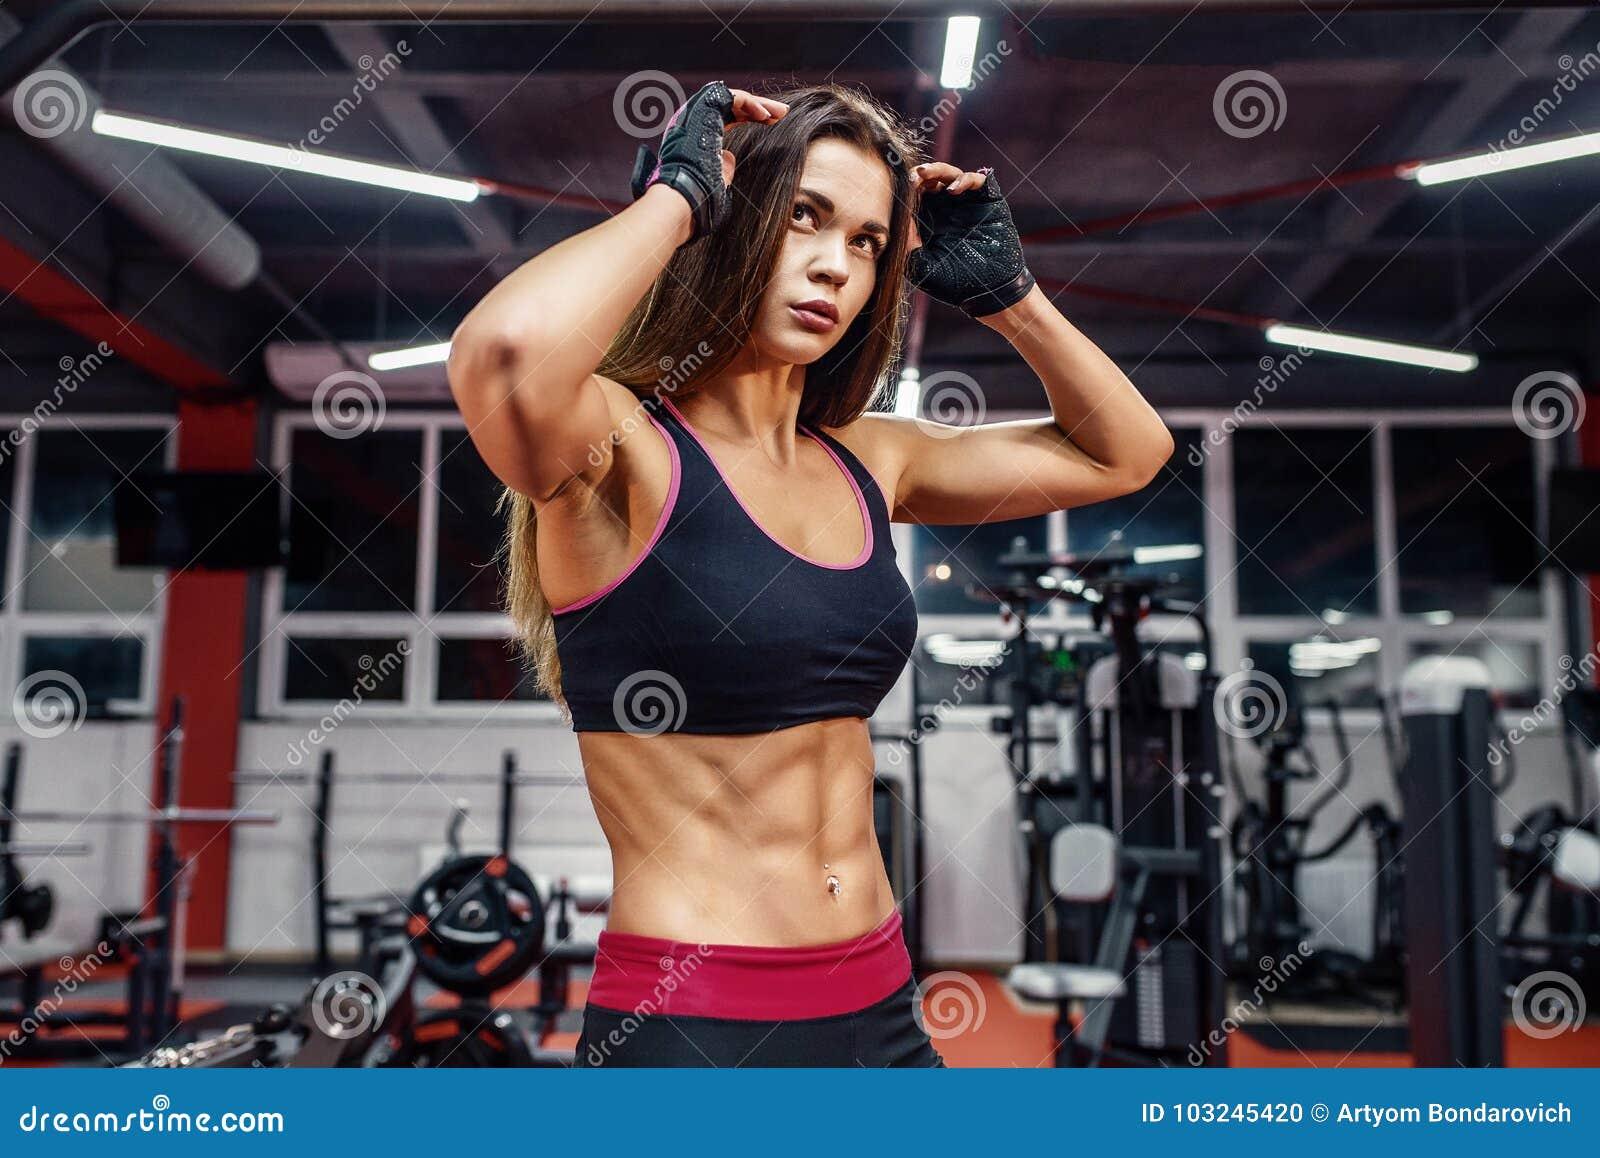 Αθλητική νέα γυναίκα που παρουσιάζει μυς μετά από το workout στη γυμναστική